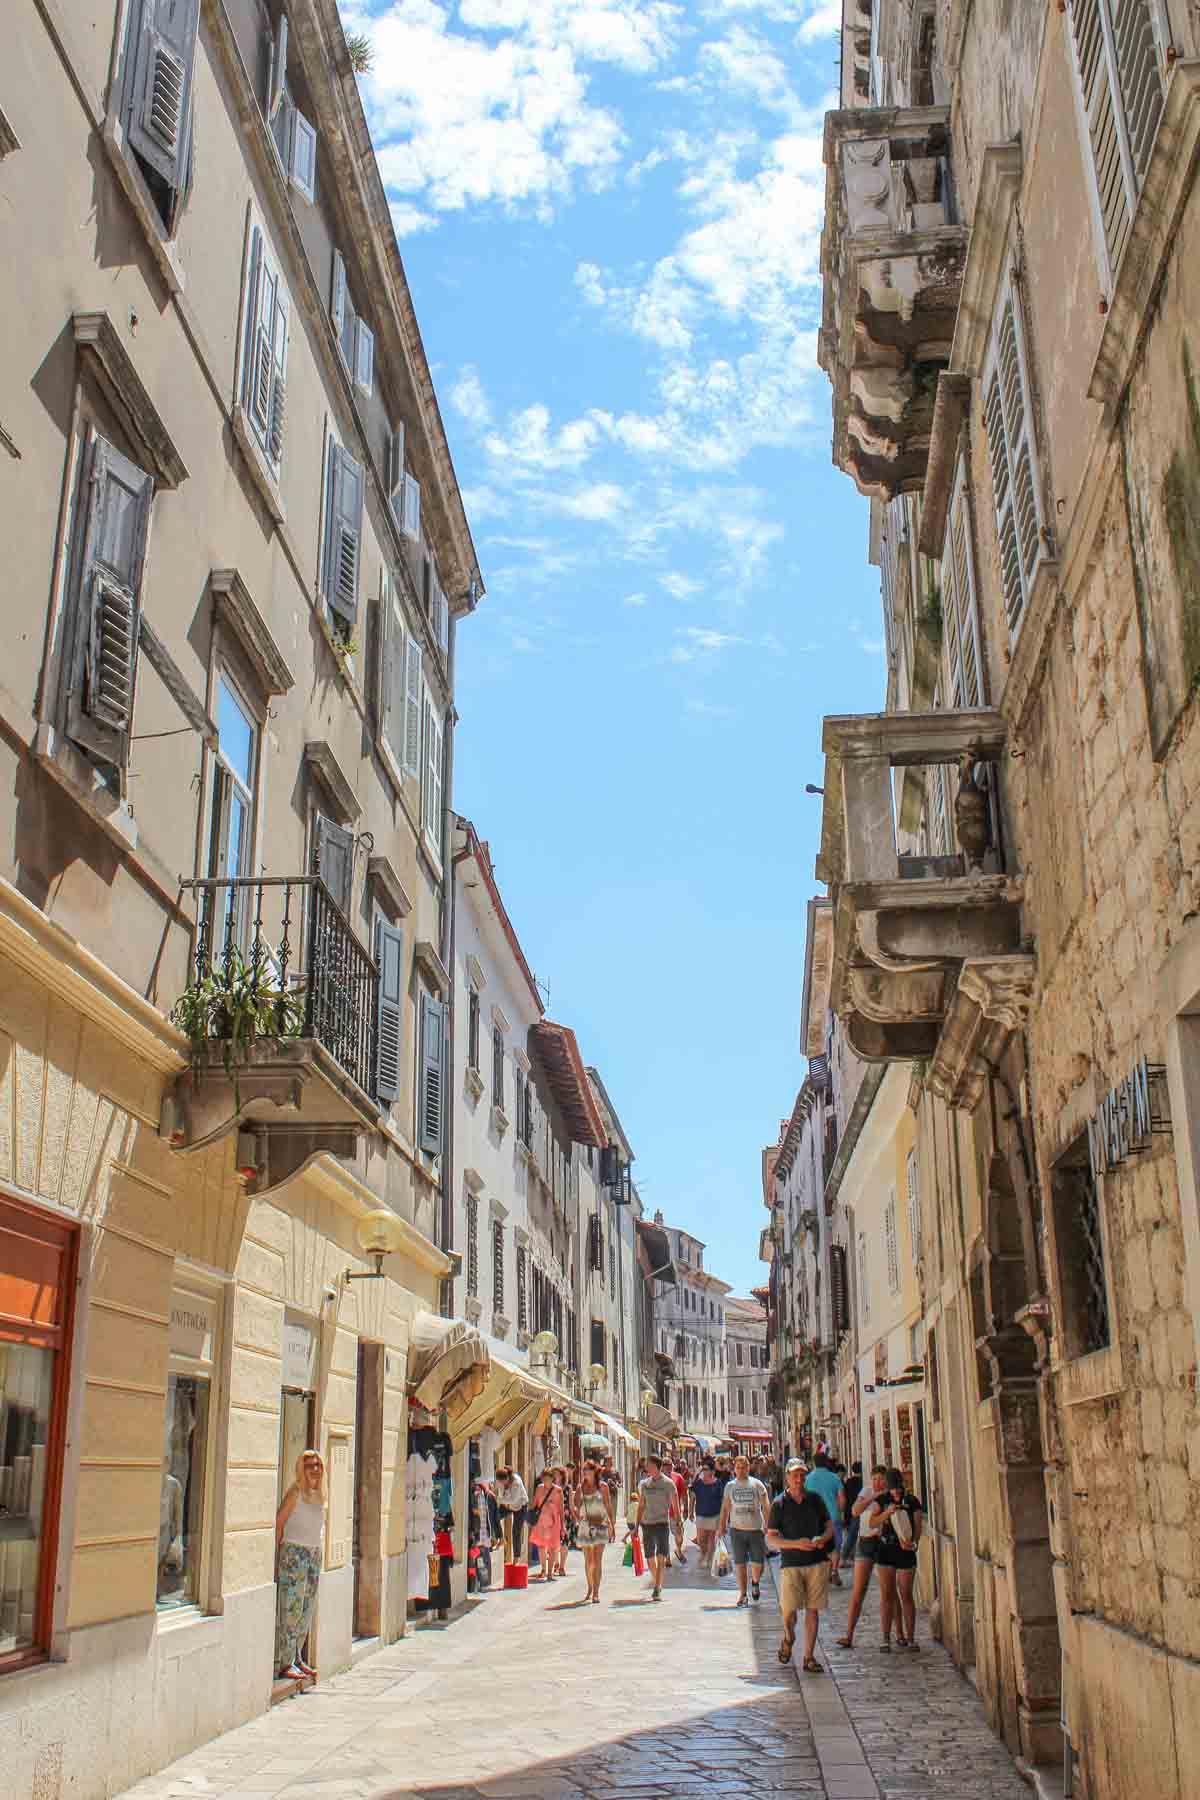 Vakantie Kroatie inspiratie: 6x mooie onontdekte plekken in Kroatië - Map of Joy